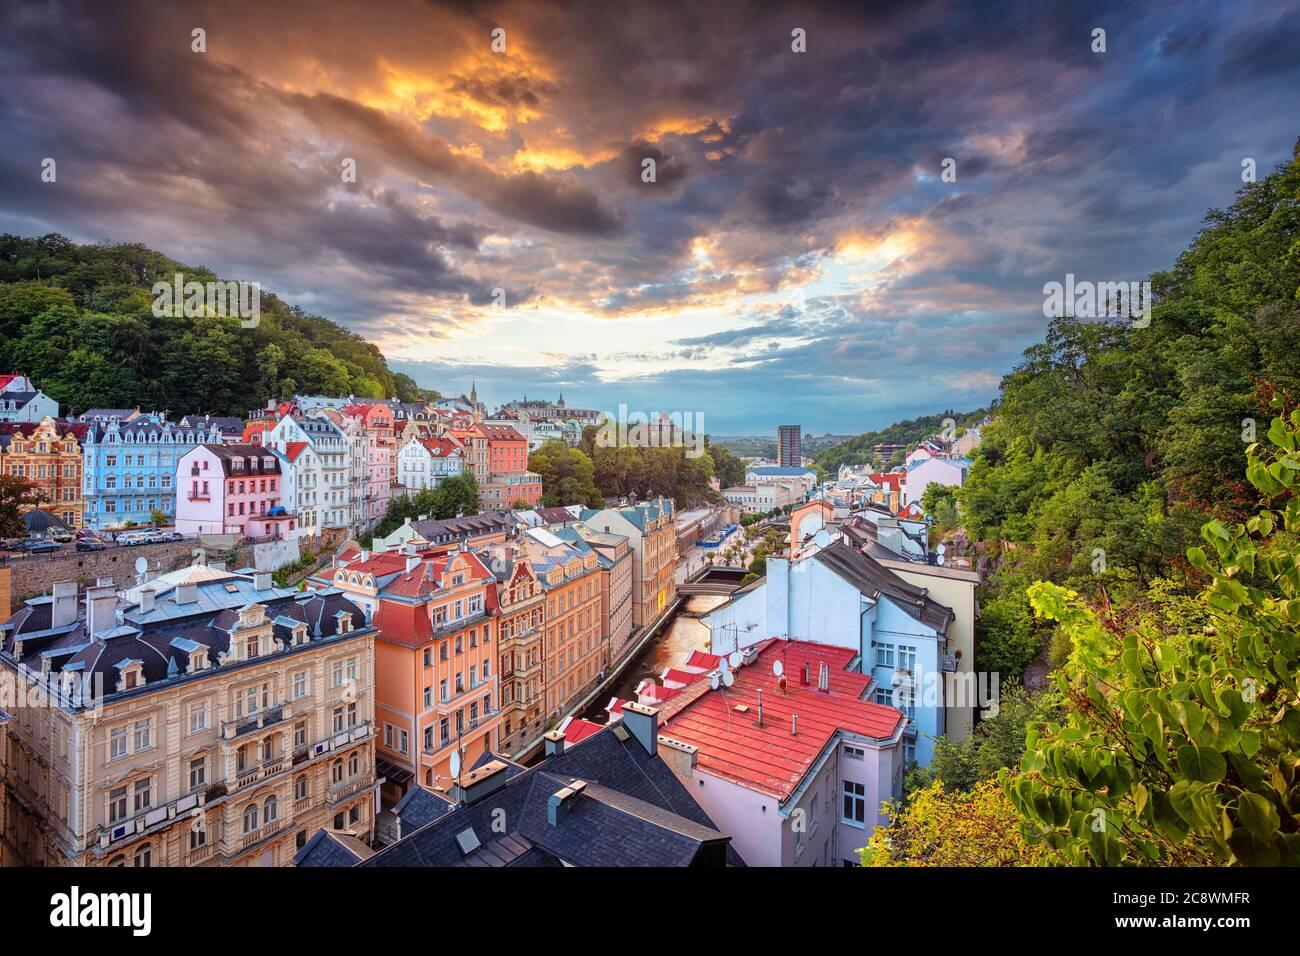 Karlovy Vary, République tchèque. Image aérienne de Karlovy Vary (Carlsbad), situé en Bohême occidentale au beau coucher du soleil. Banque D'Images